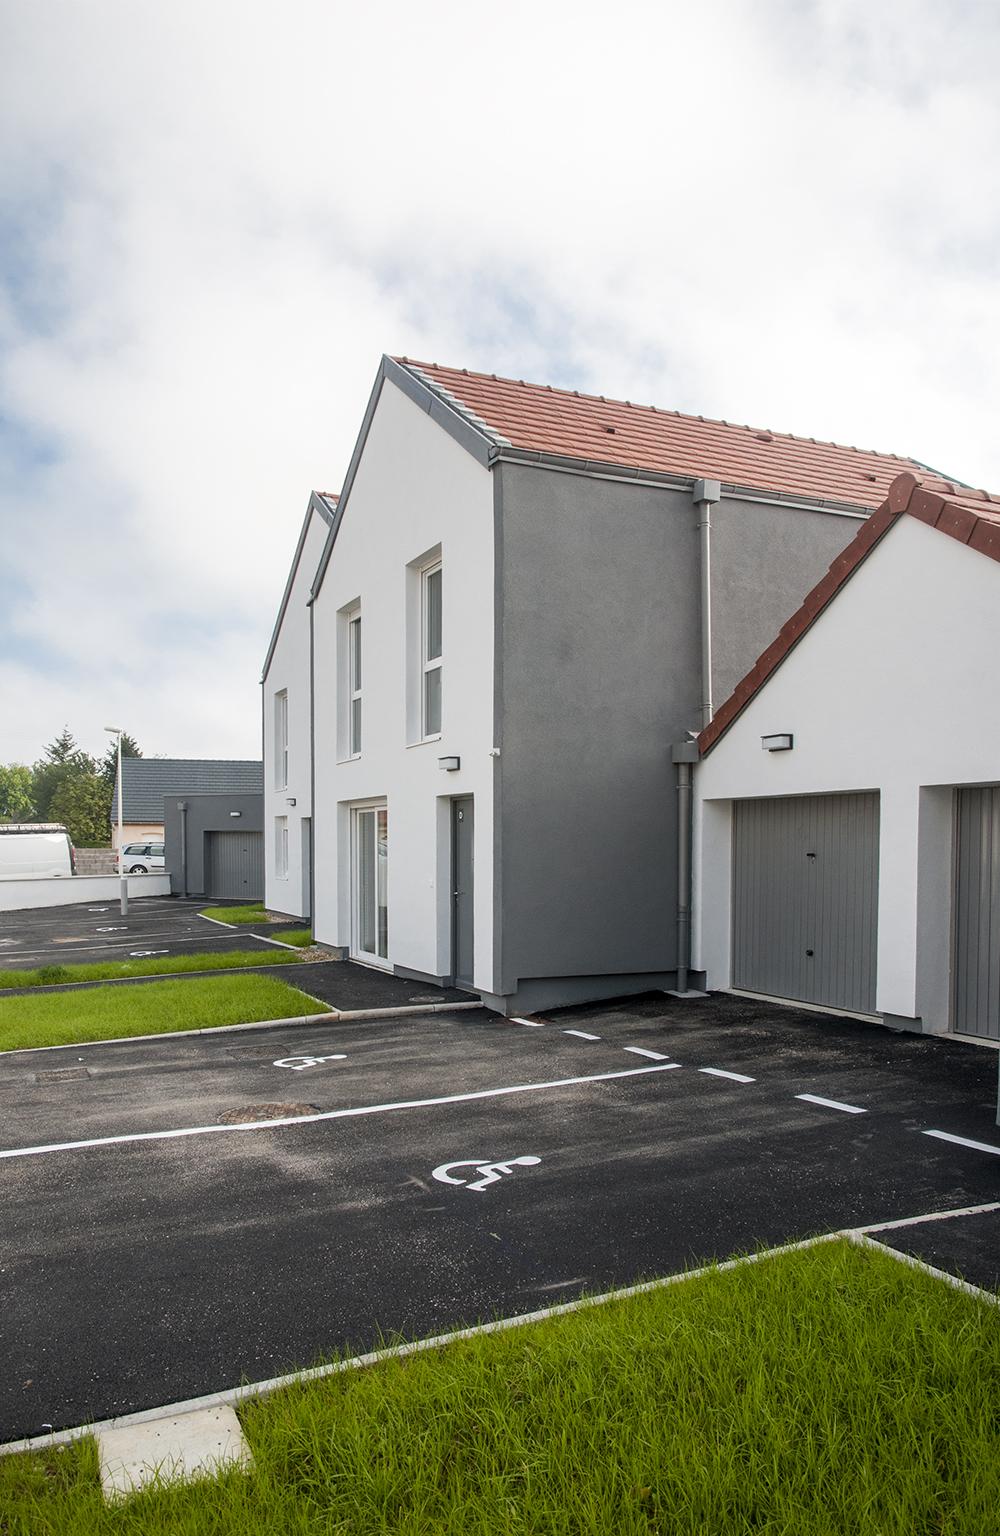 Chouette-architecture-7-logements-en-bande-Collonges-les-premières-1000-11